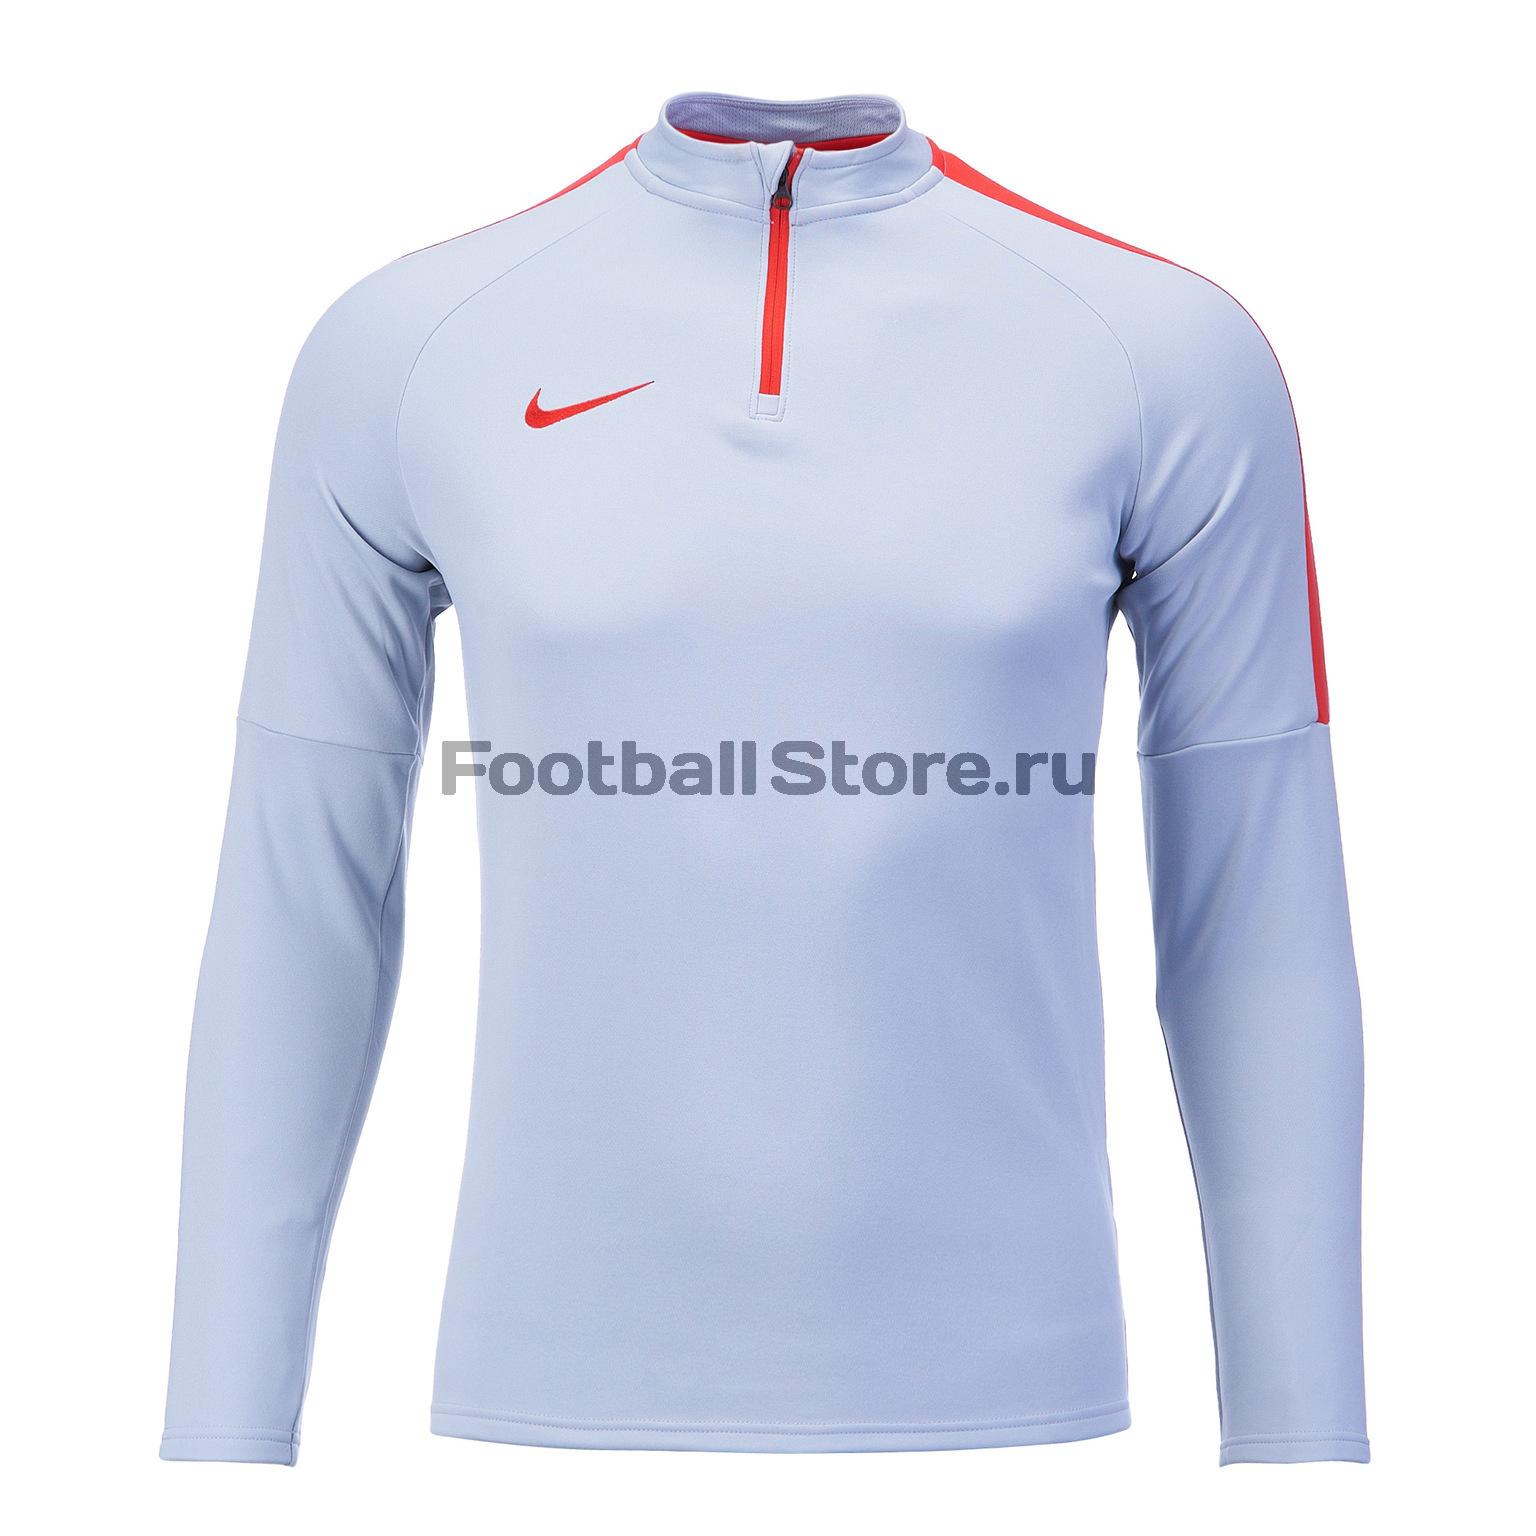 цена на Свитер тренировочный Nike Boys Dry Academy 839358-012